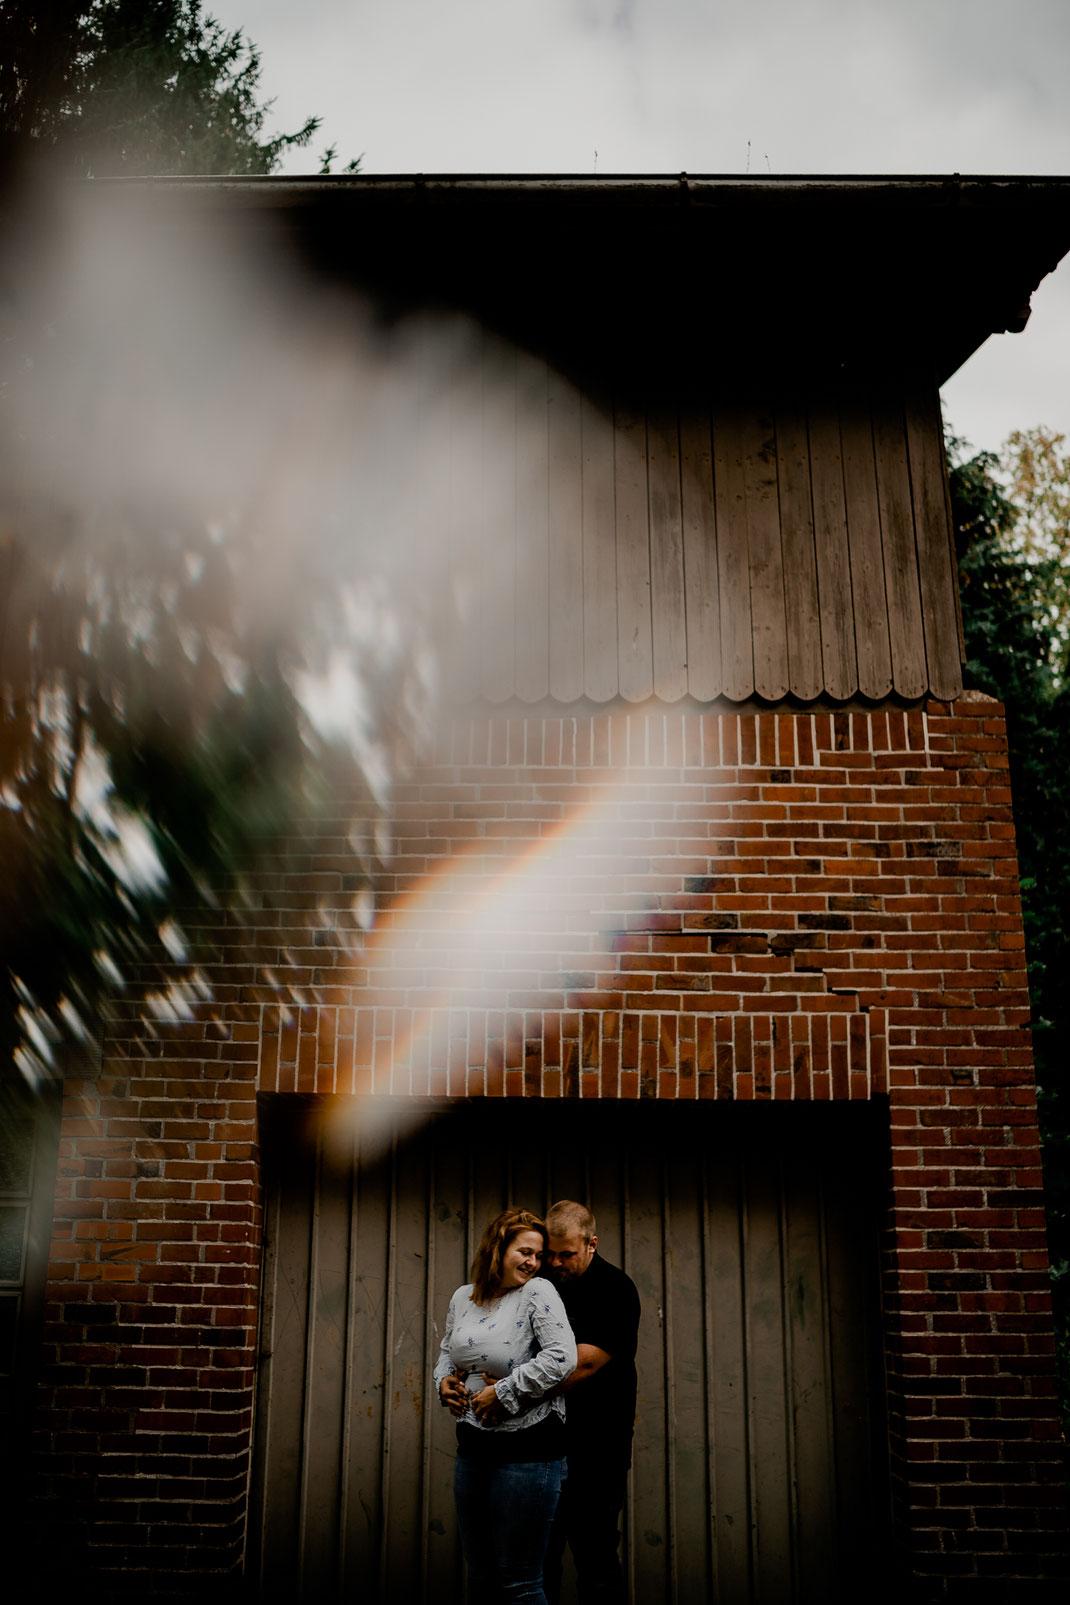 Fredenbeck, fotograf, couple, Paar, Pärchen, Shooting, foto, reflektion, Hochzeit, Kennenlernen, Garage, Tor, moody, vanessa, outdoor, Kirche, Deinste, Lokation, Check